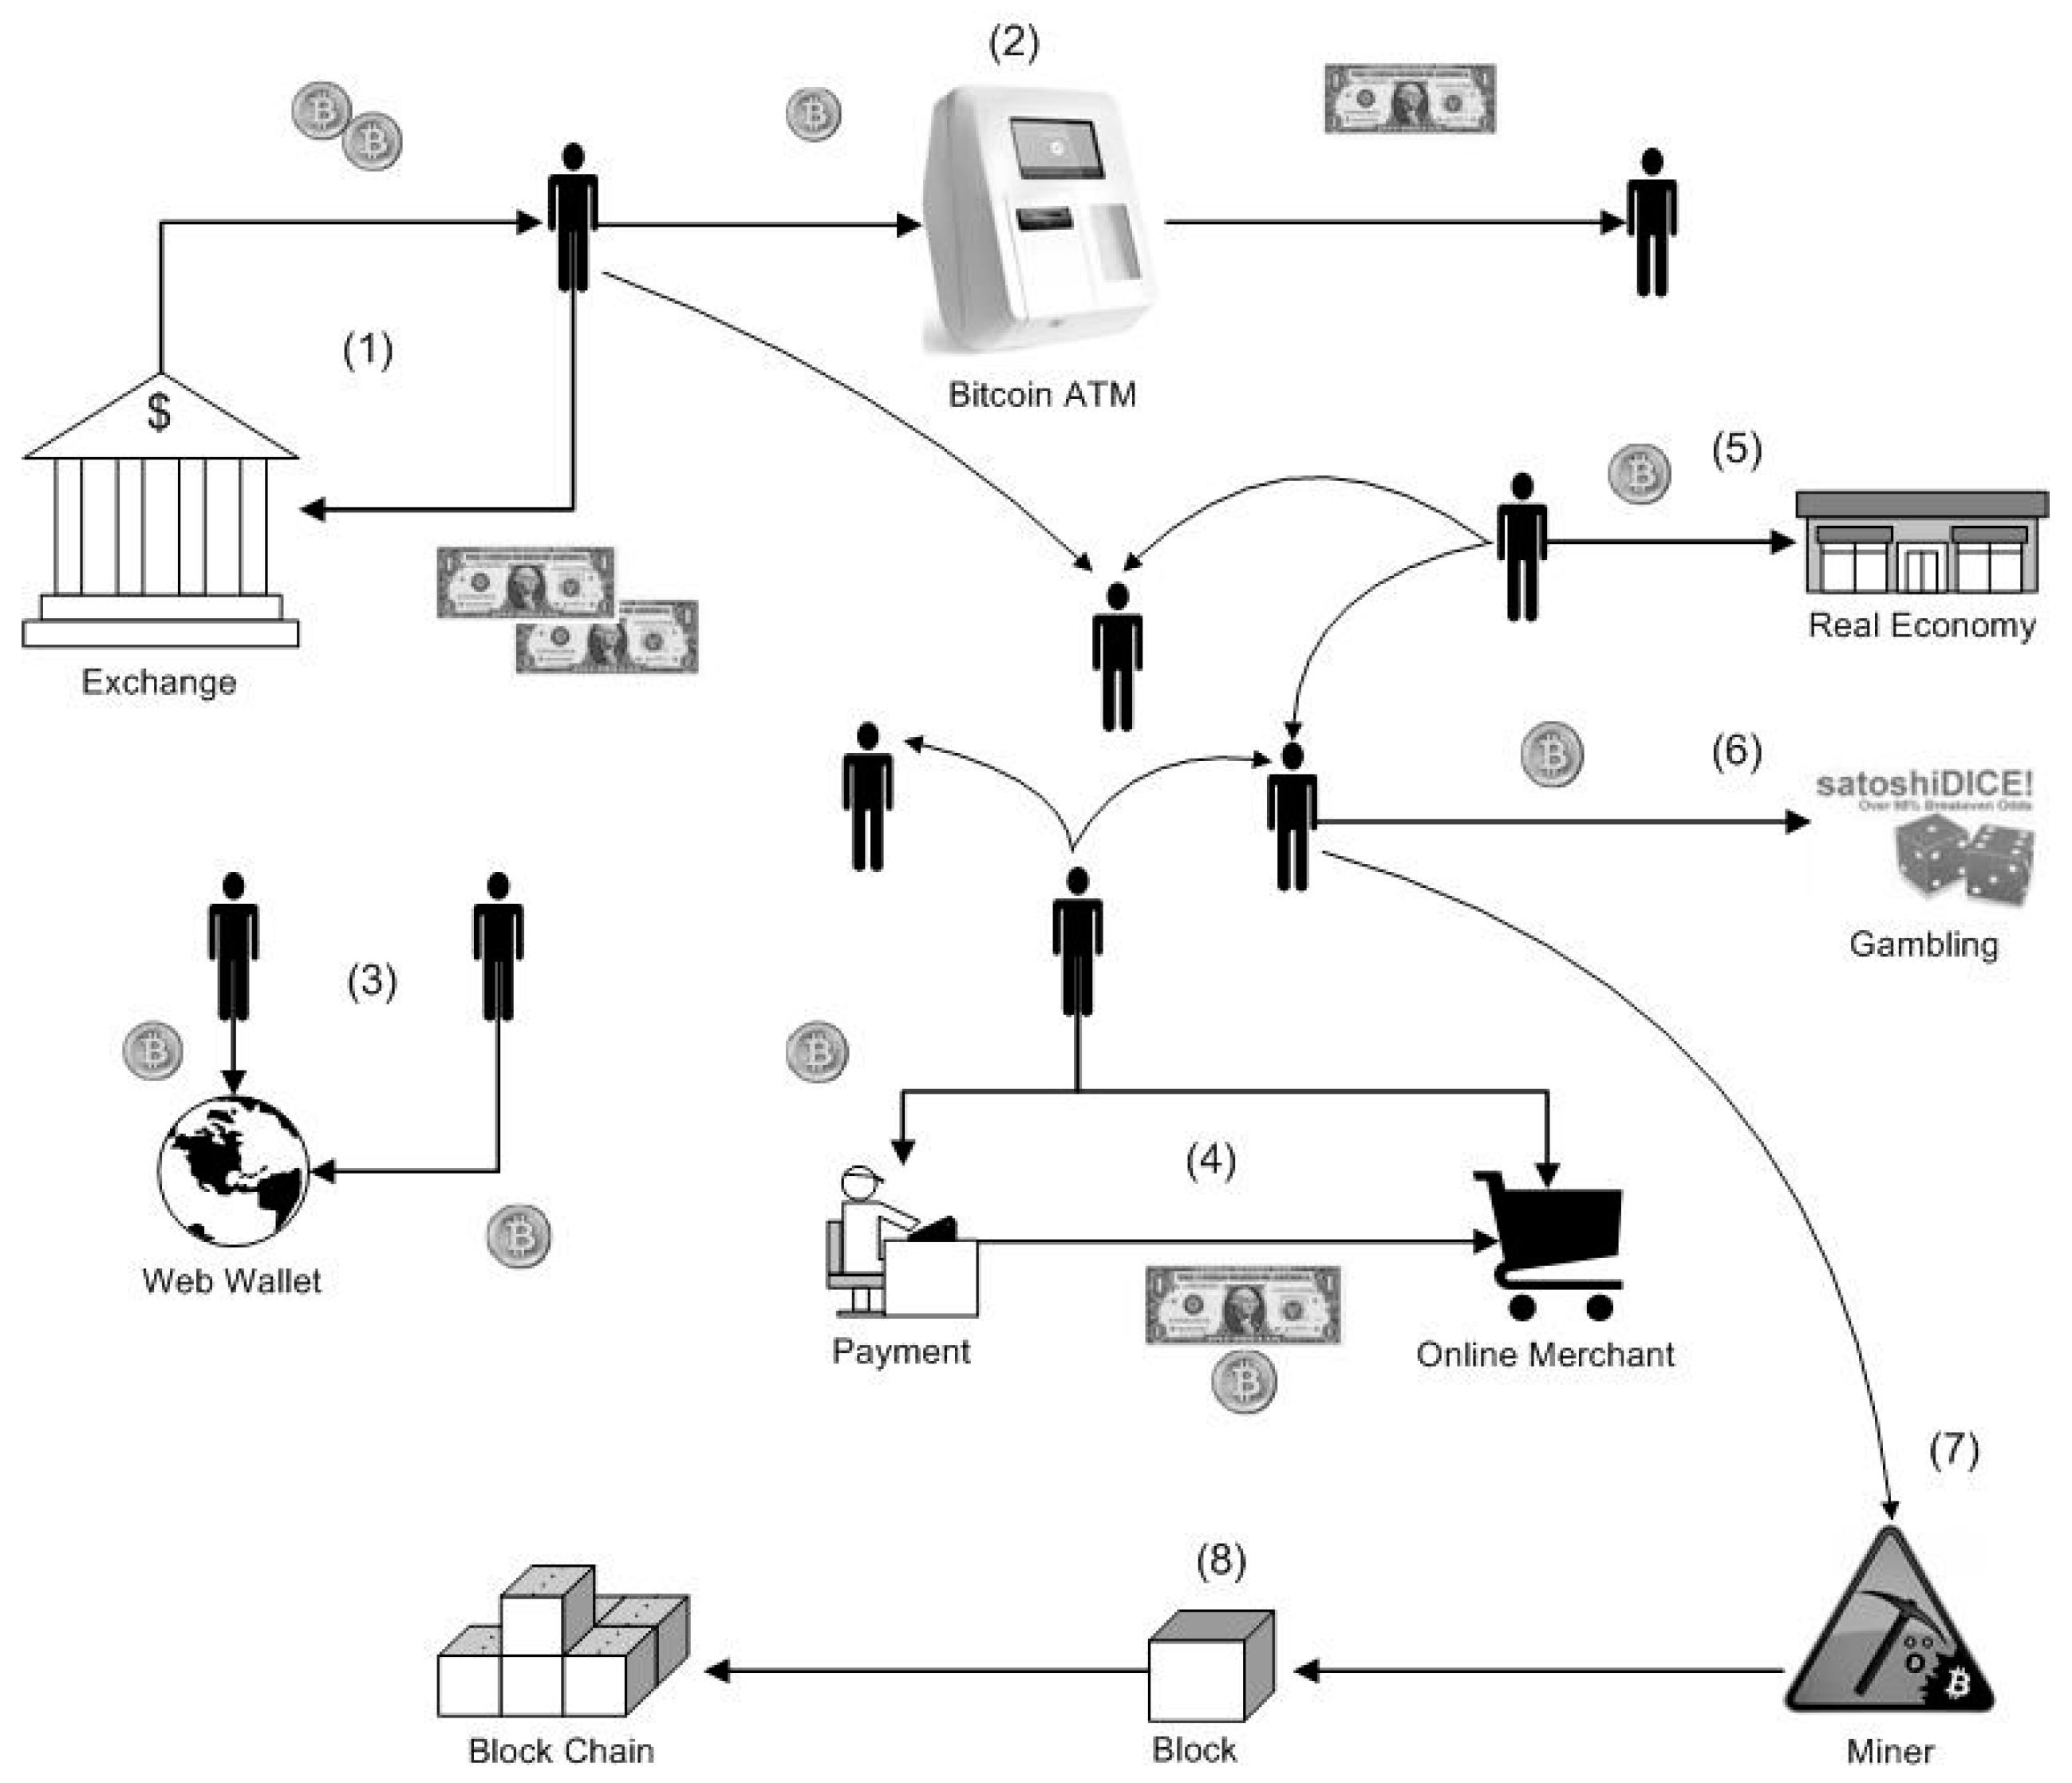 Kaip uždirbti pinigus internetu per programas - zaisliniainamai.lt